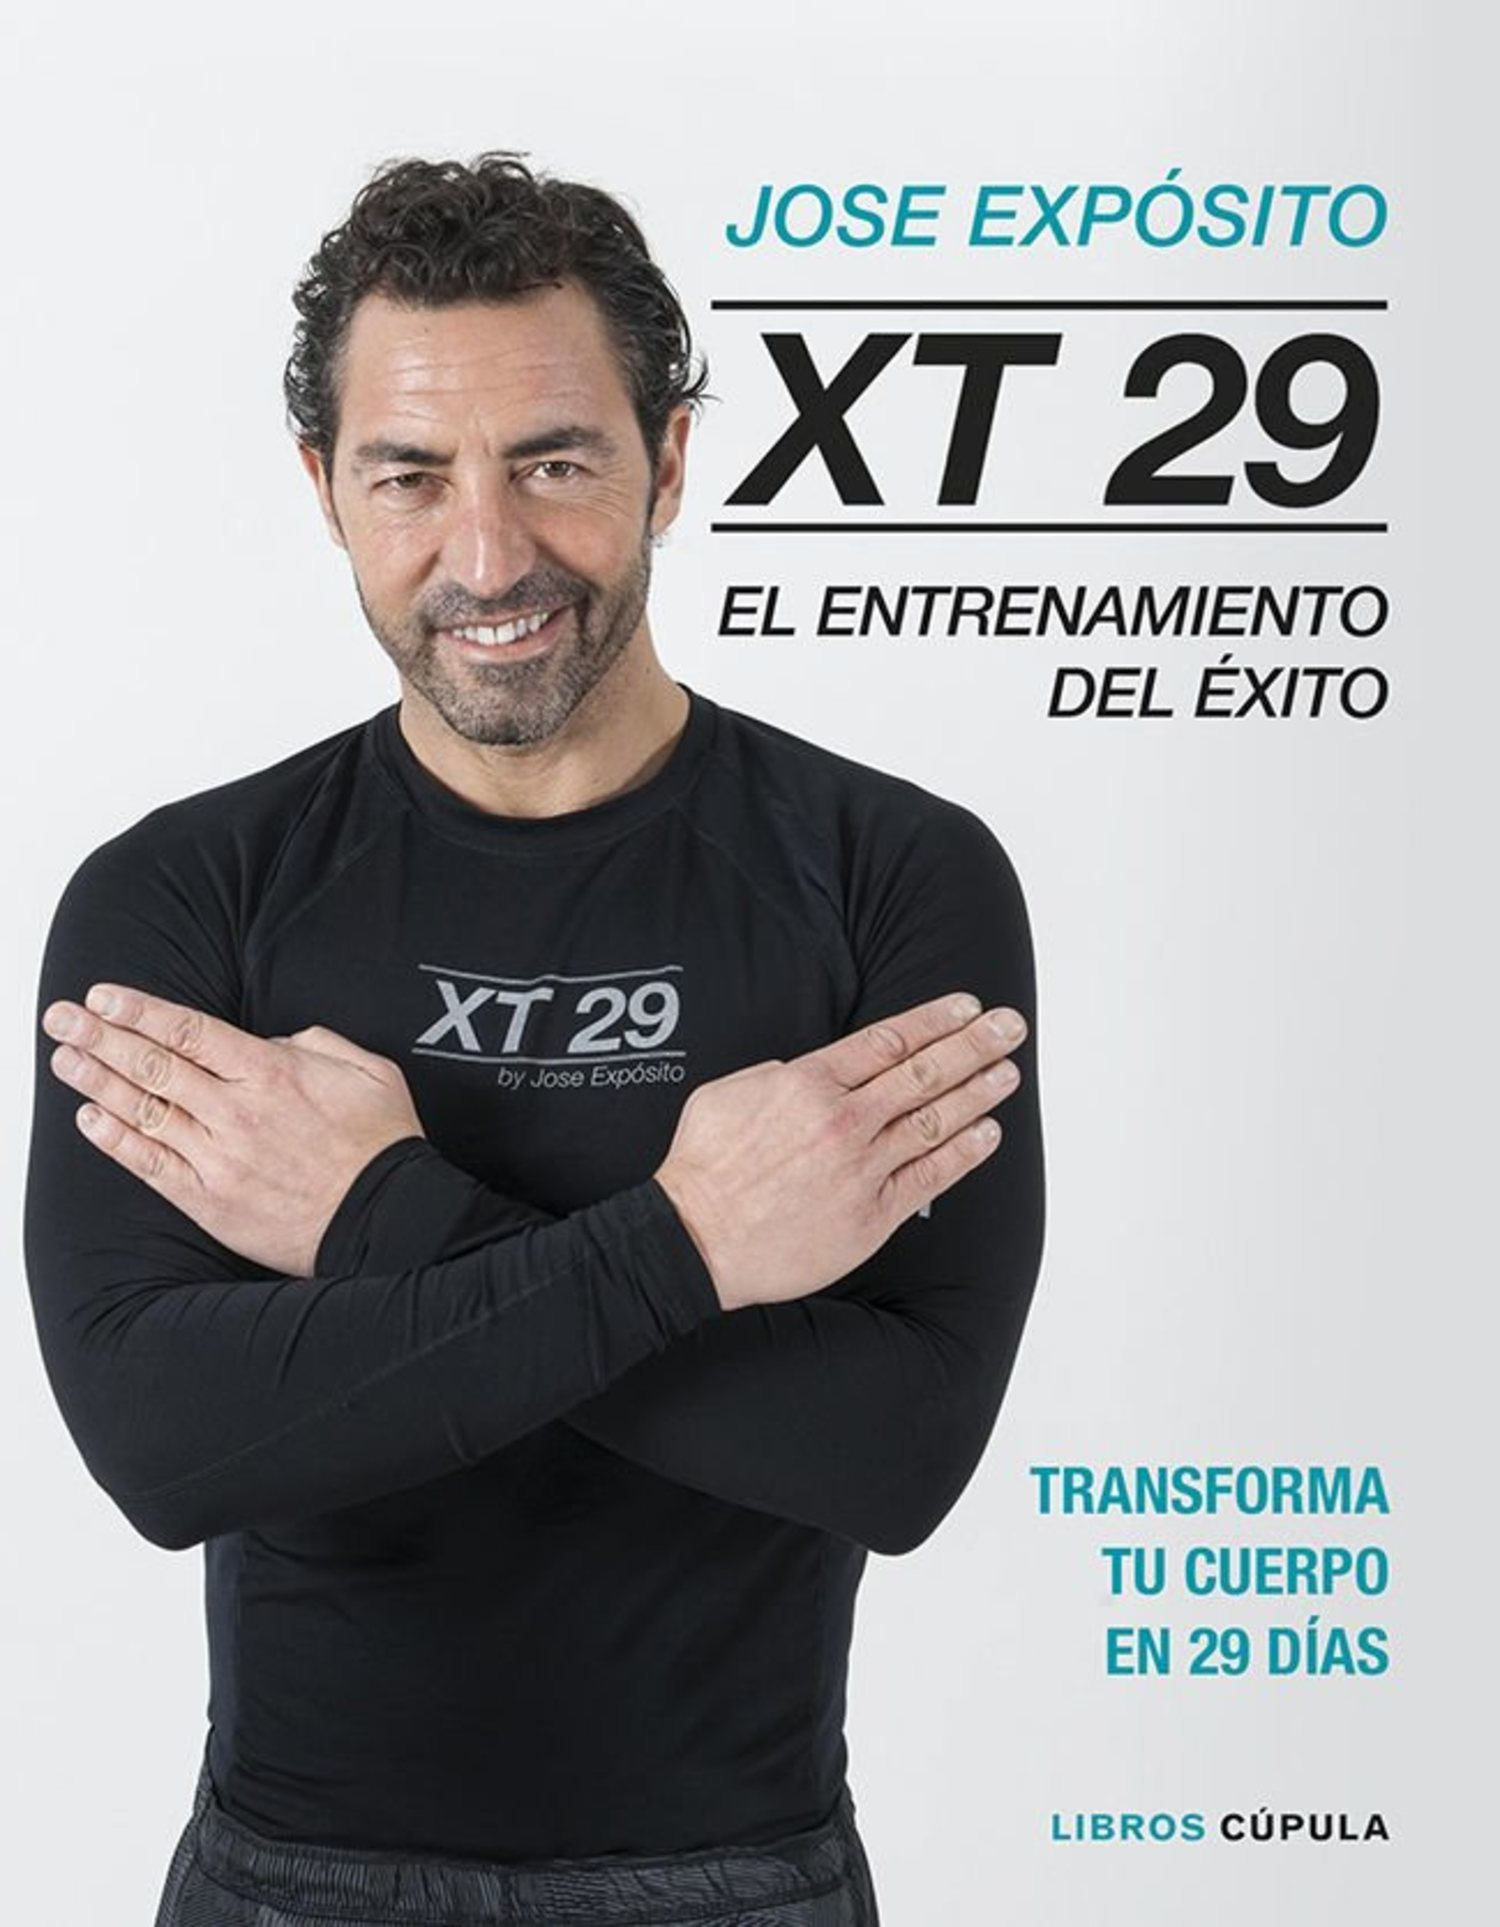 XT29, el método básado en la metodología HIIT capaz de mostrar resultados reales en un mes.